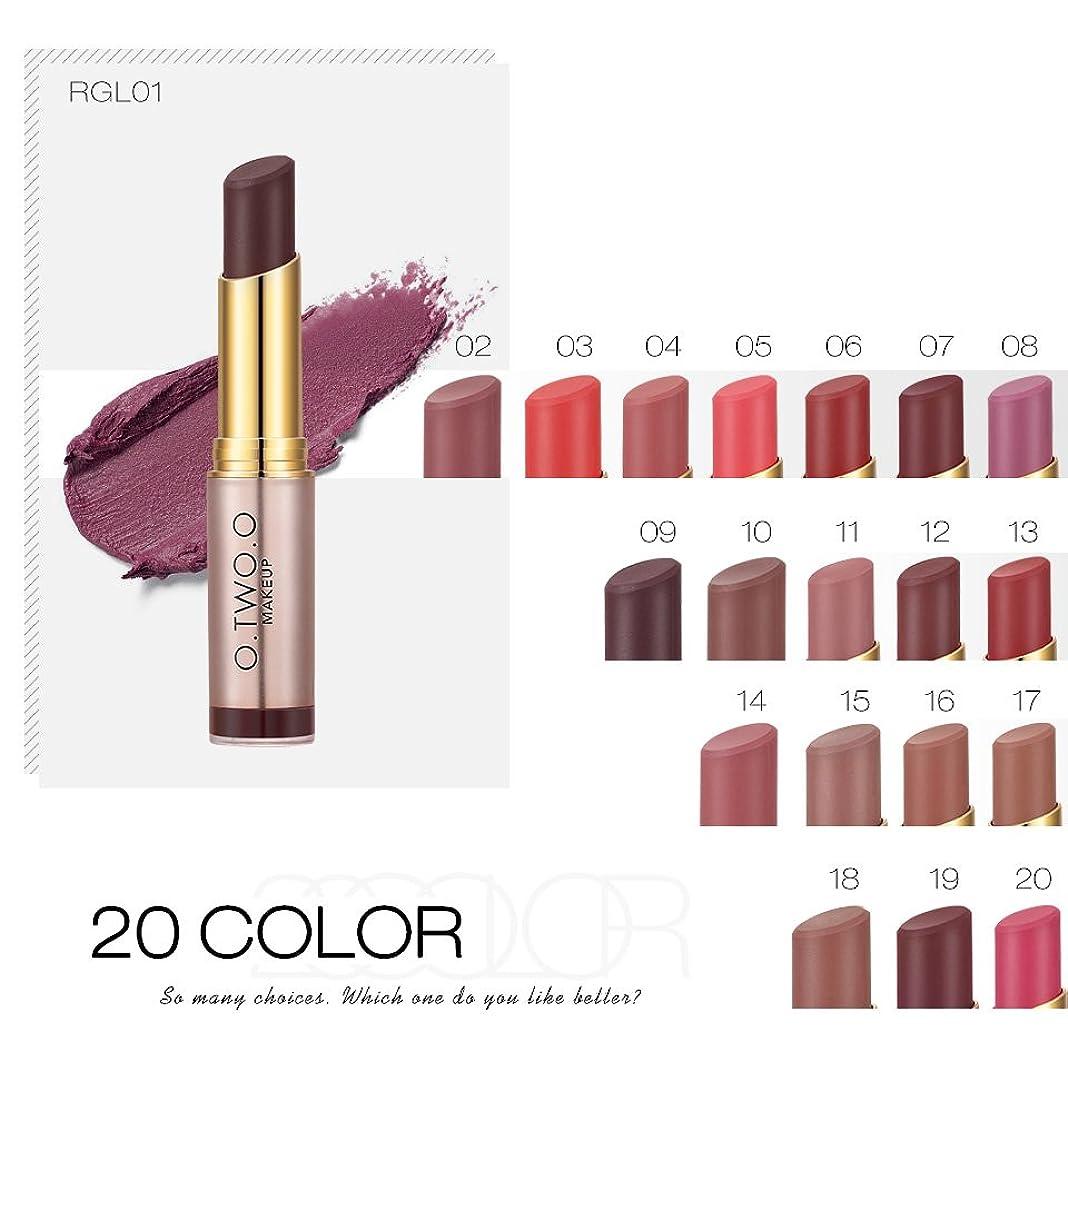 撃退するクライマックス解き明かす(RGL07) Brand Wholesale Beauty Makeup Lipstick Popular Colors Best Seller Long Lasting Lip Kit Matte Lip Cosmetics